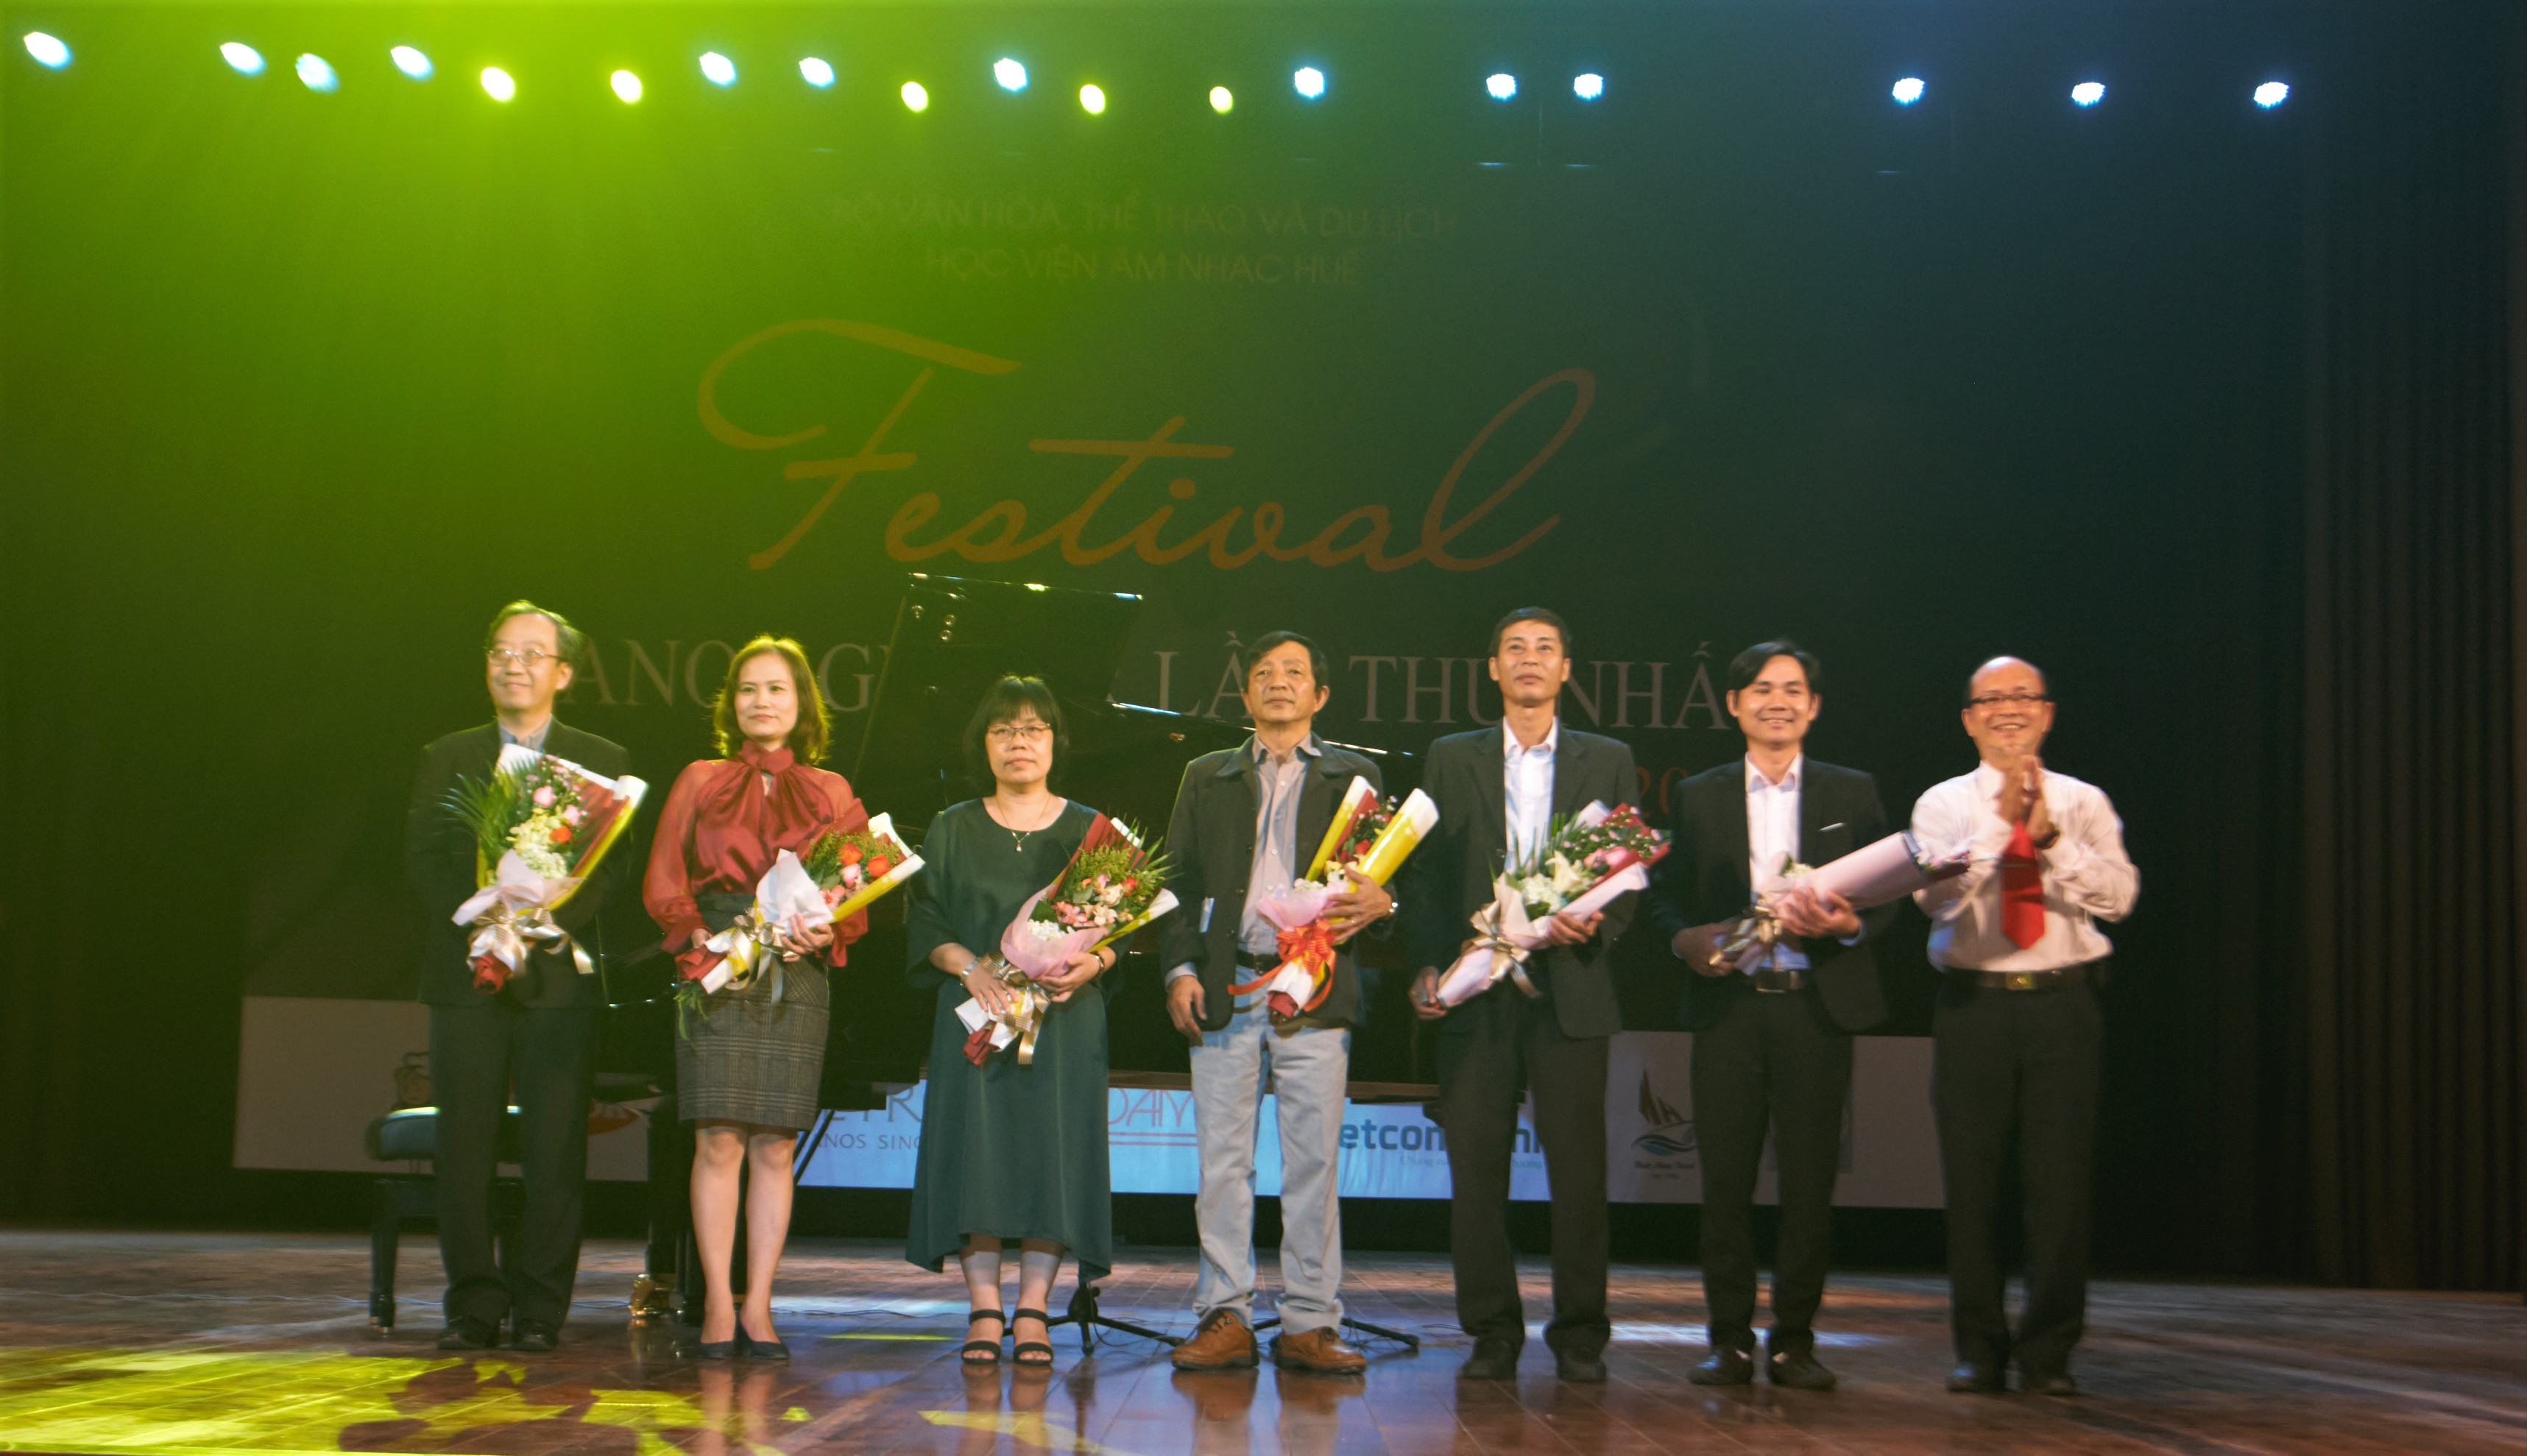 ThS. Hoàng Thanh Sơn – Phó Giám đốc Học viện tặng hoa cho Ban giám khảo Festival Piano – Guitar lần thứ nhất